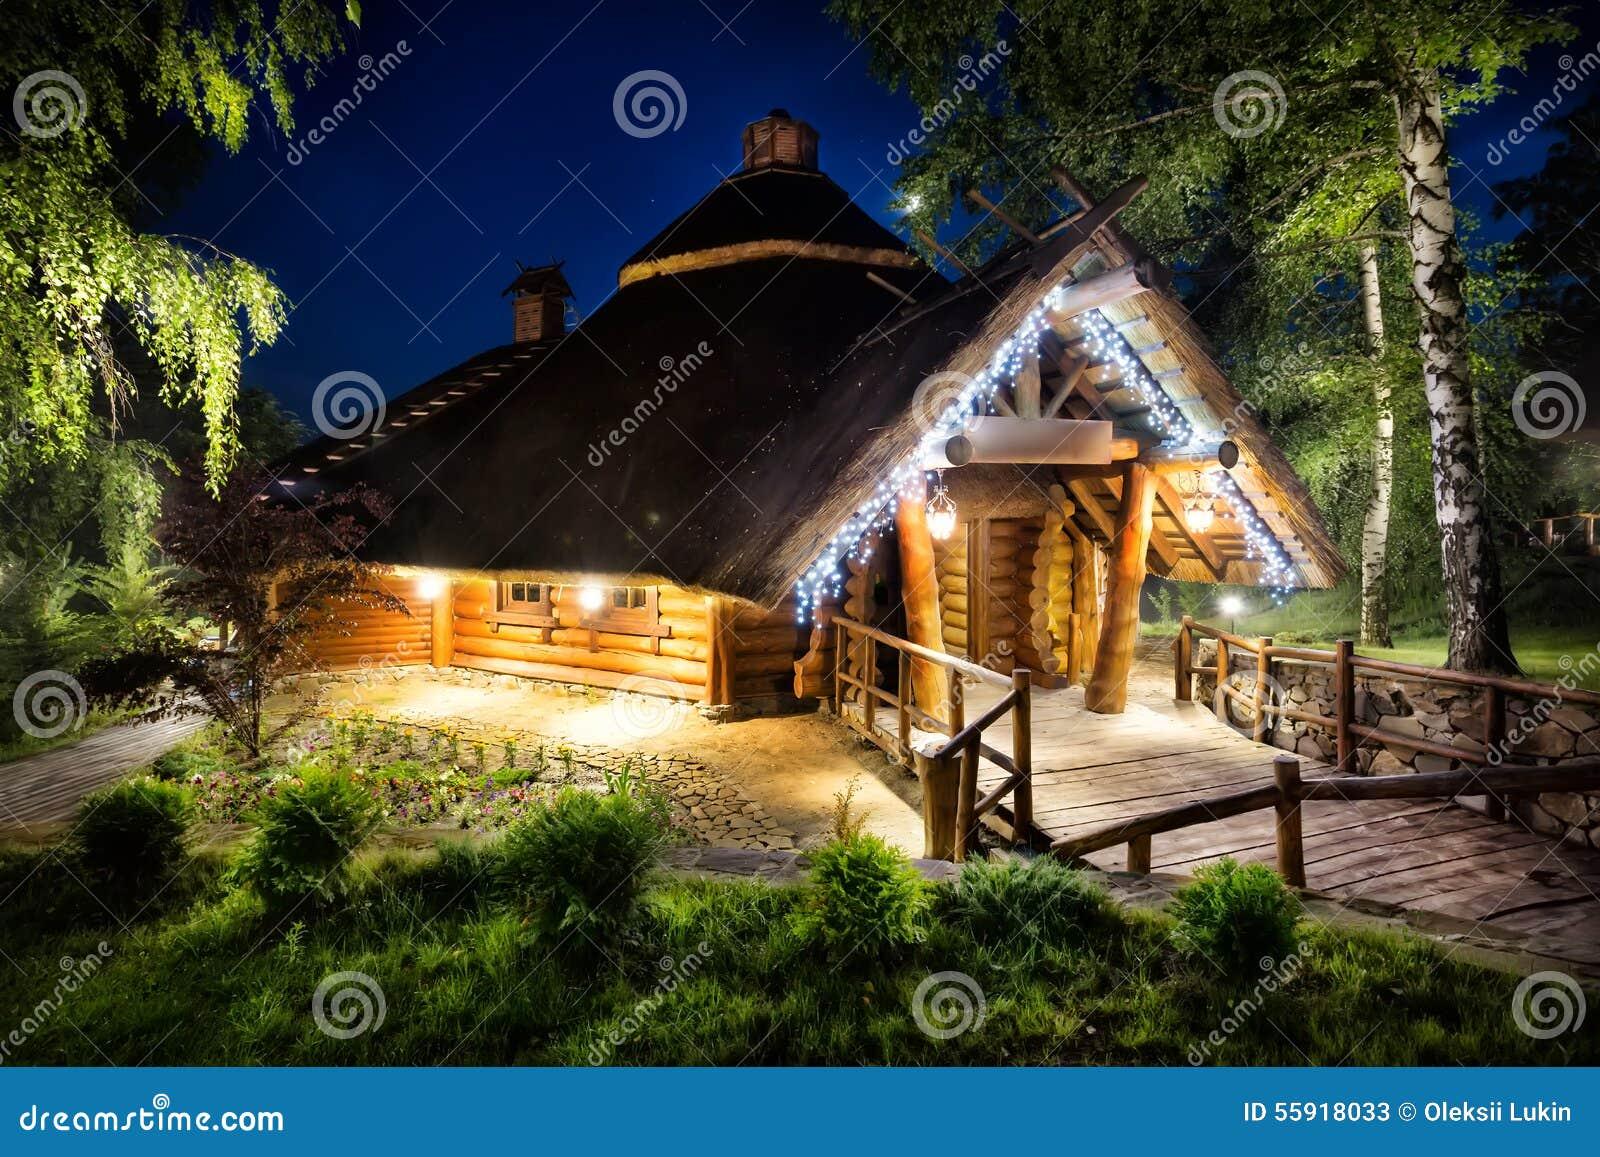 Luci illuminate casa di legno di fiaba immagine stock - Casa di legno abitabile ...